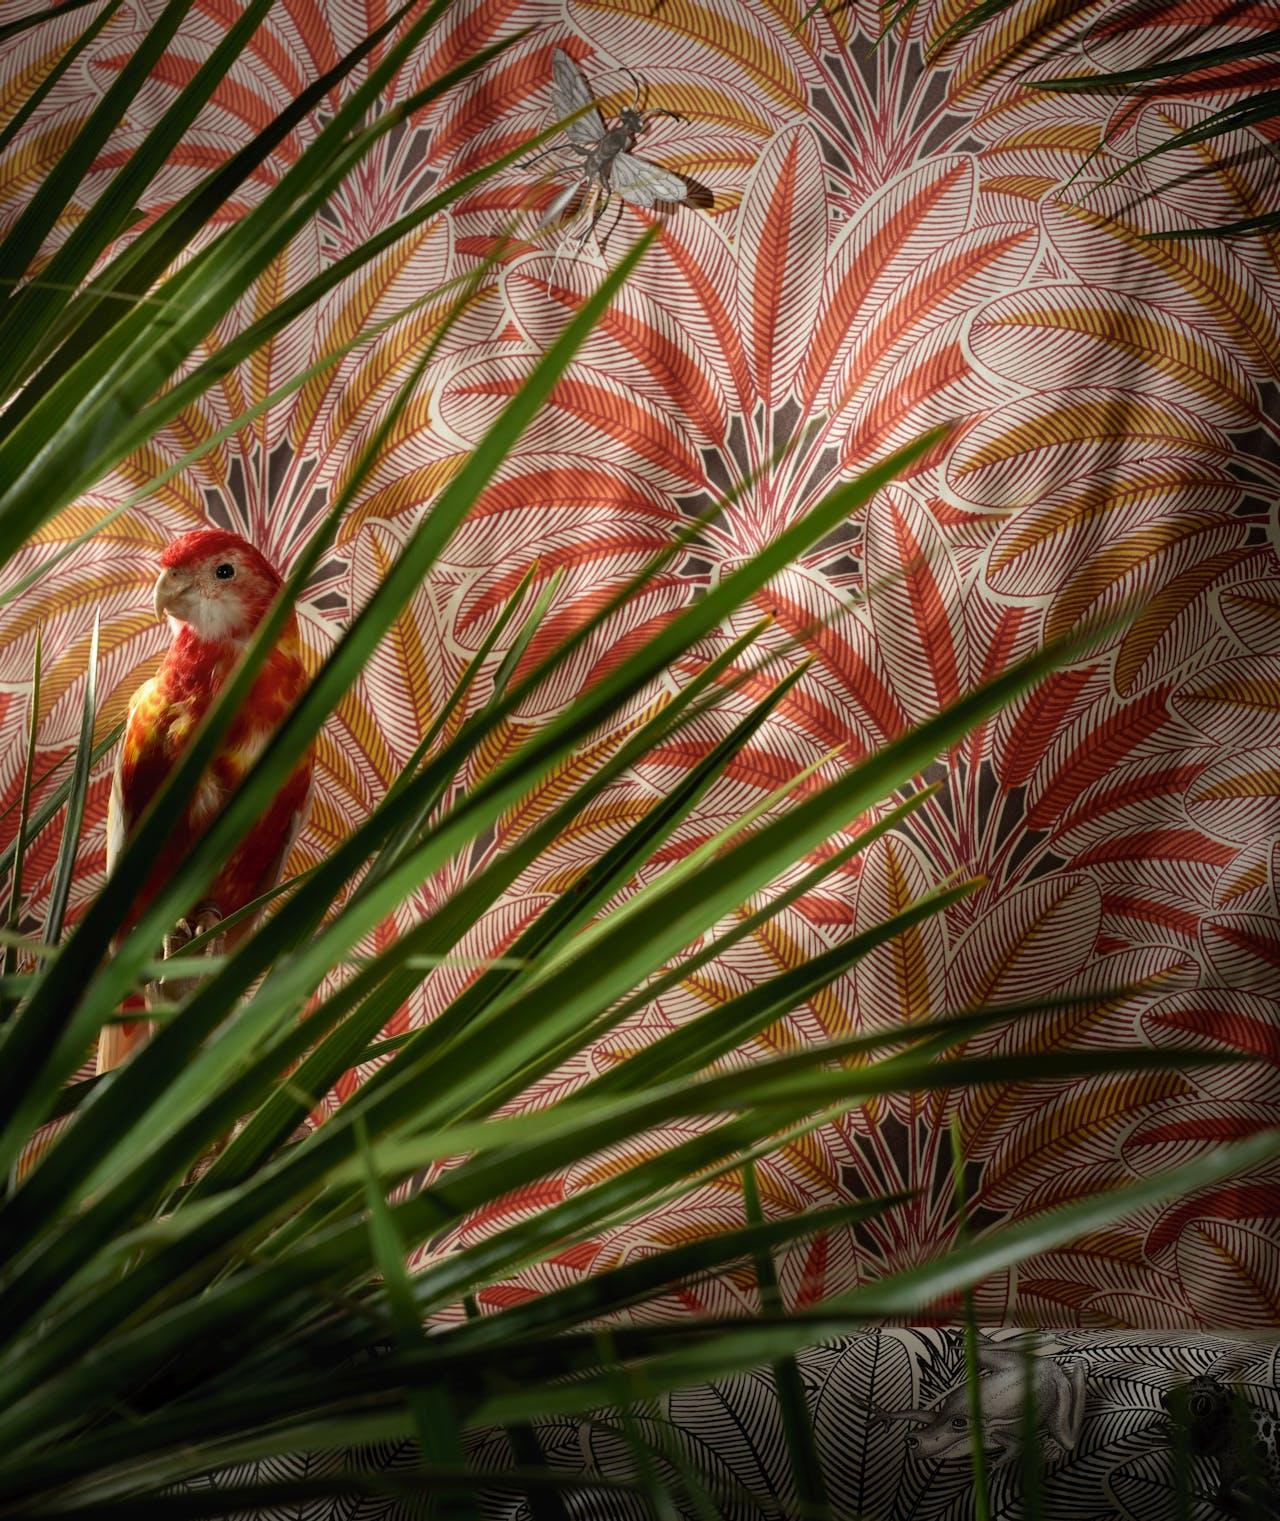 Oranje behang 'Brazilia', € 156 p/rol, Nobilis via Wilhelmine van Aerssen; zwart-wit printbehang 'Brazilia', €156 p/rol, Nobilis via Wilhelmine van Aerssen; parkiet, €225, Luxury by Nature; plant chamaerops humilis, mooiwatplantendoen.nl.